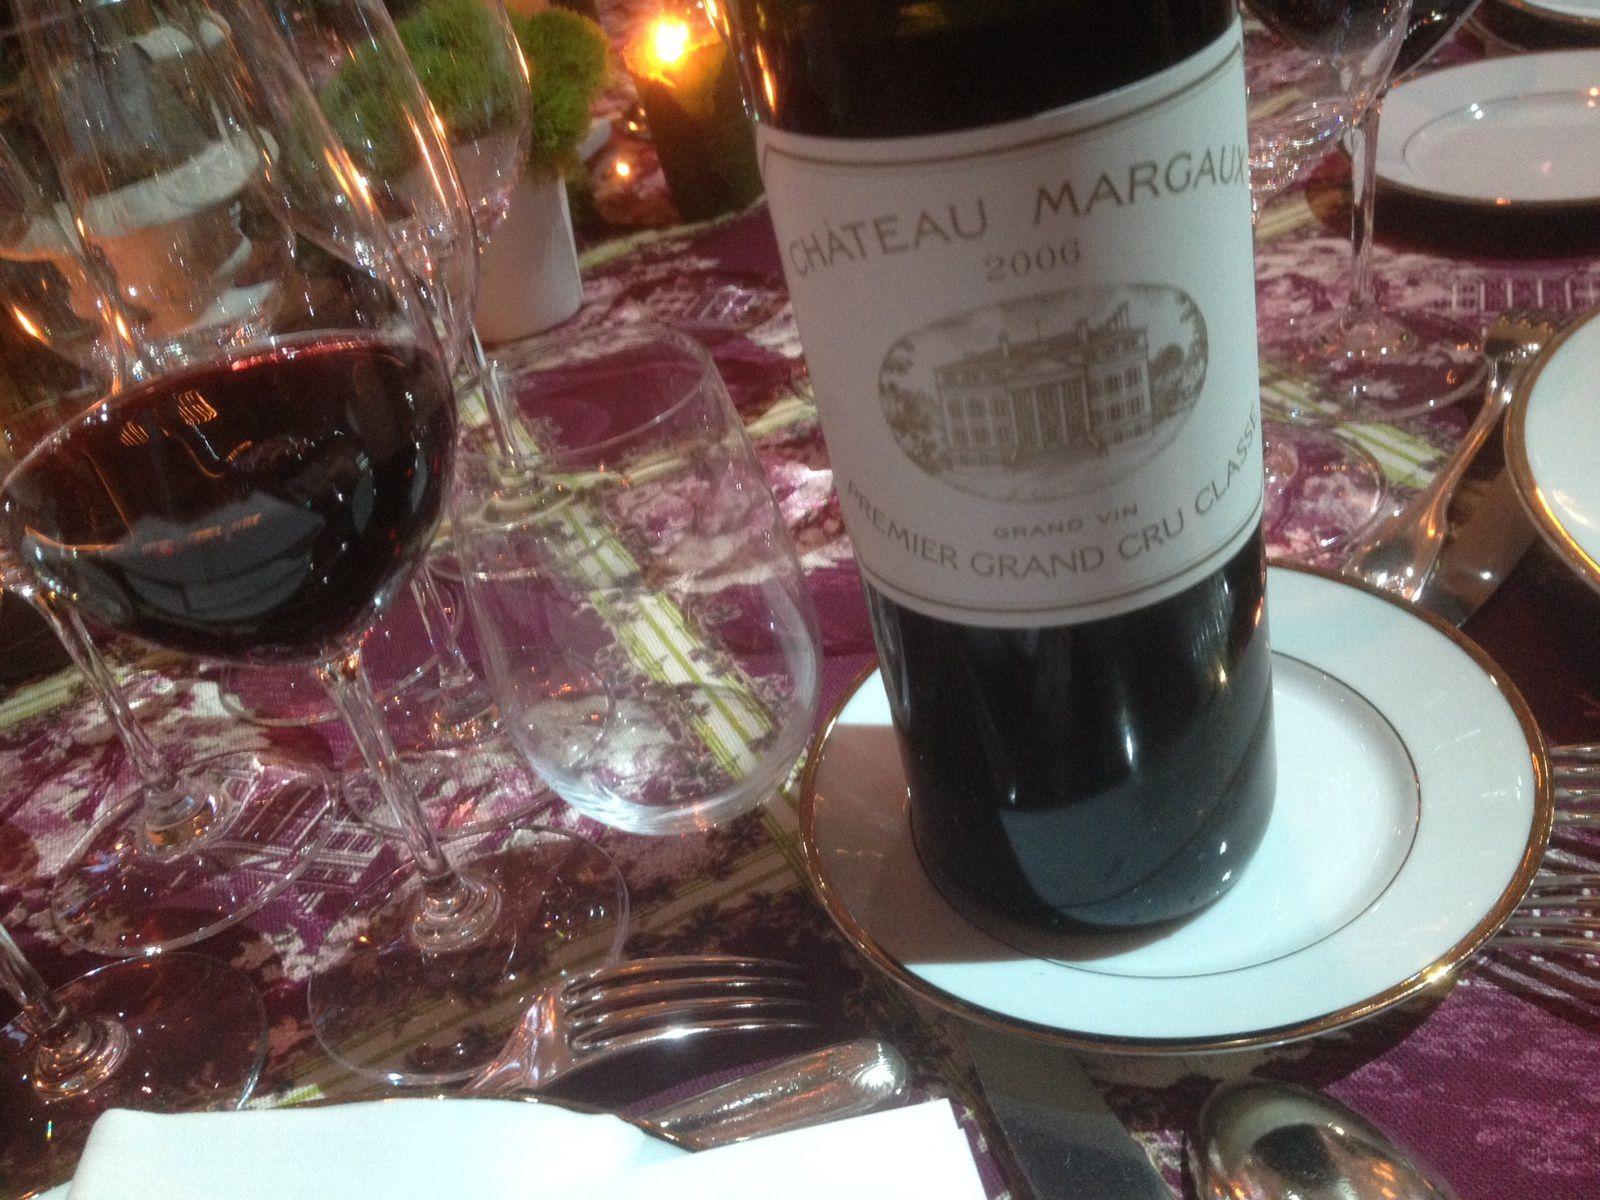 À Château Margaux, petites lampées de gala pour inaugurer le nouveau chai ...